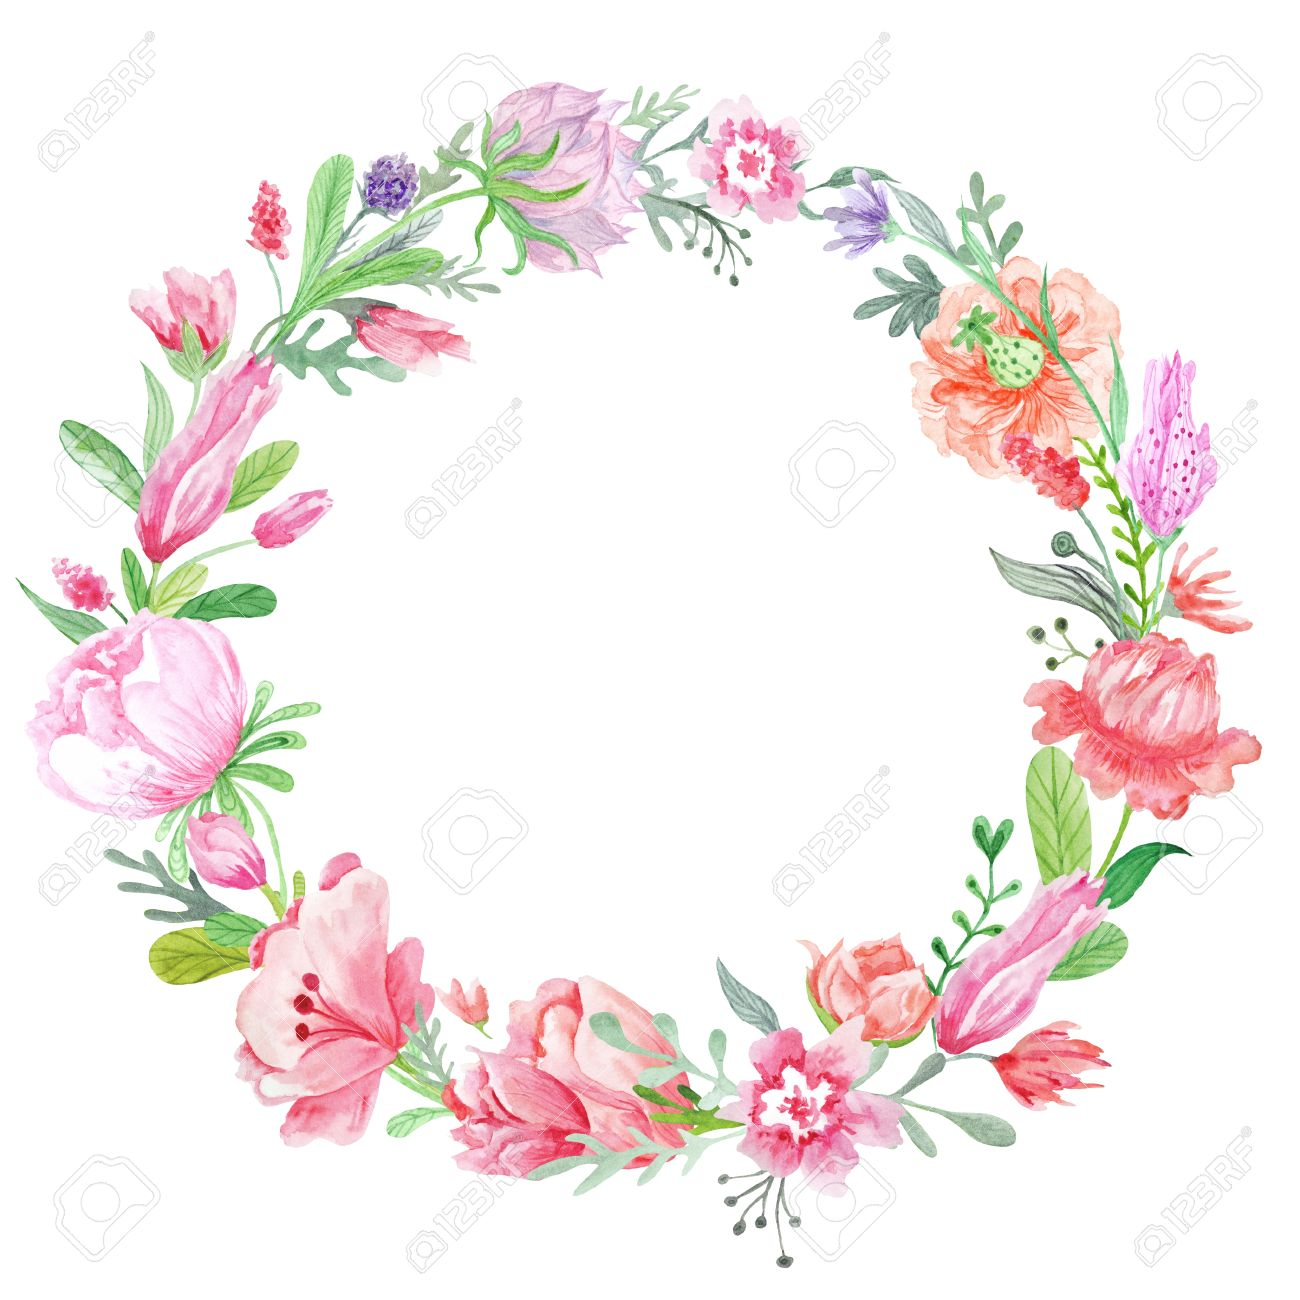 Frühling Kreative Runden Rahmen Mit Wilden Roten, Rosa Und Lila ...